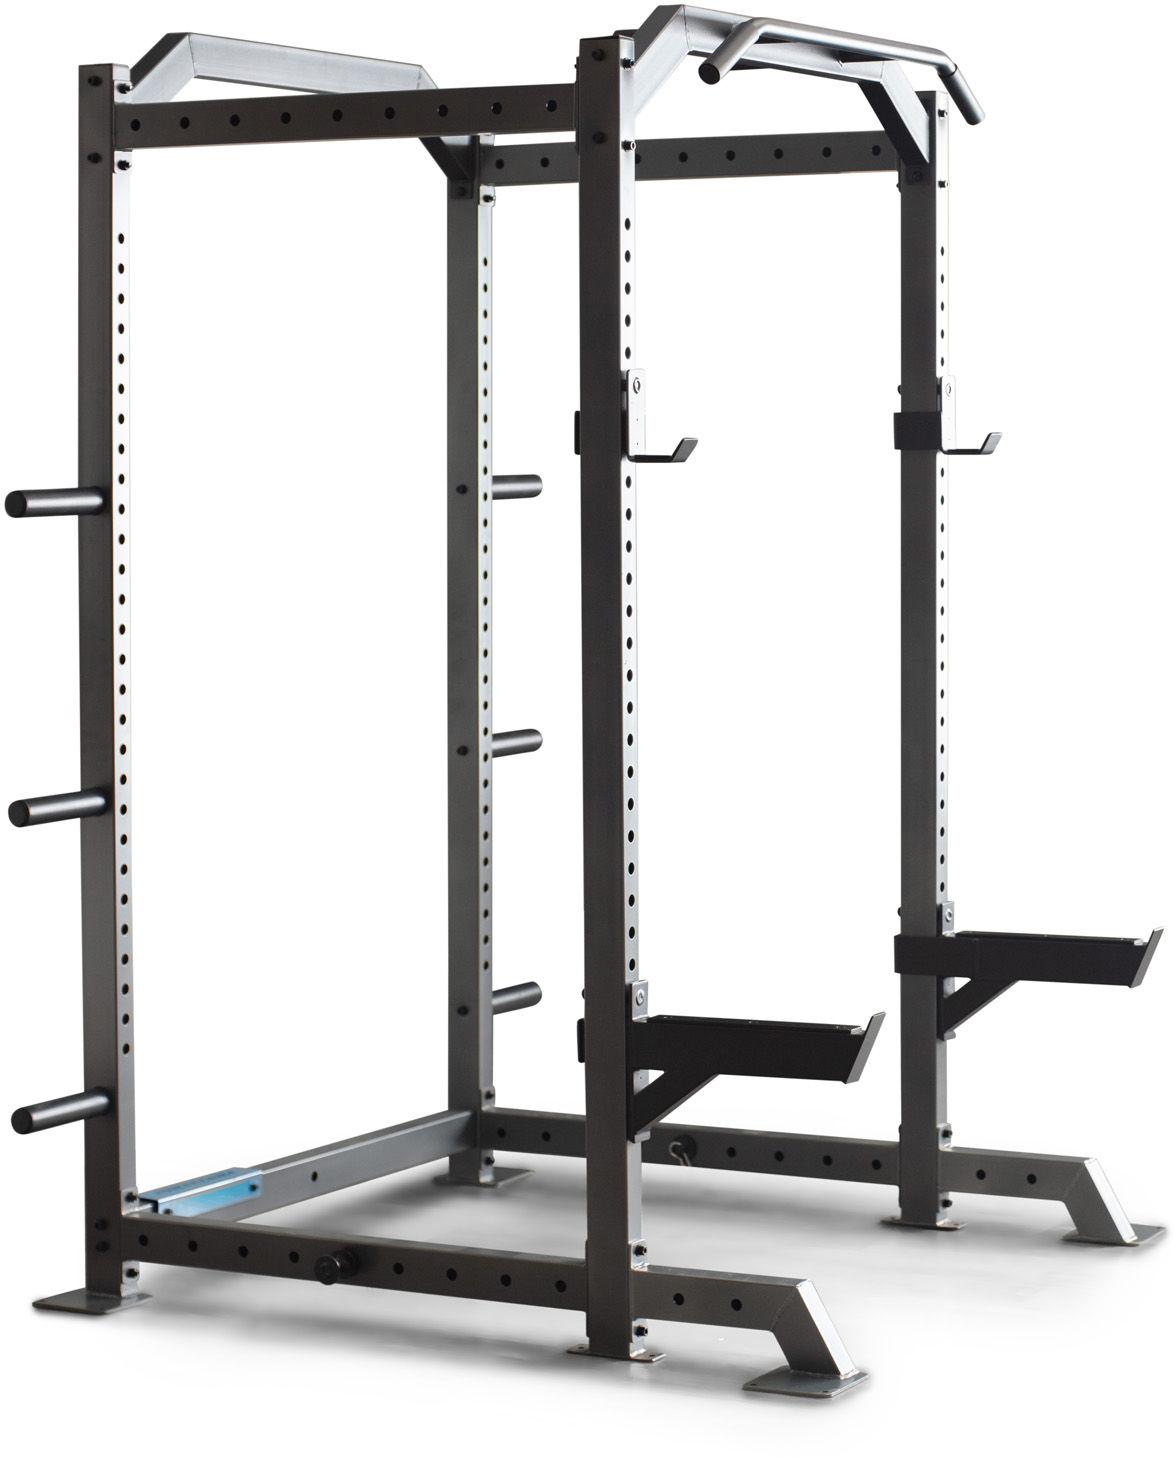 Klatka treningowa XL Proform Carbon Strength potrzebujesz pomocy? tel 792 792 150